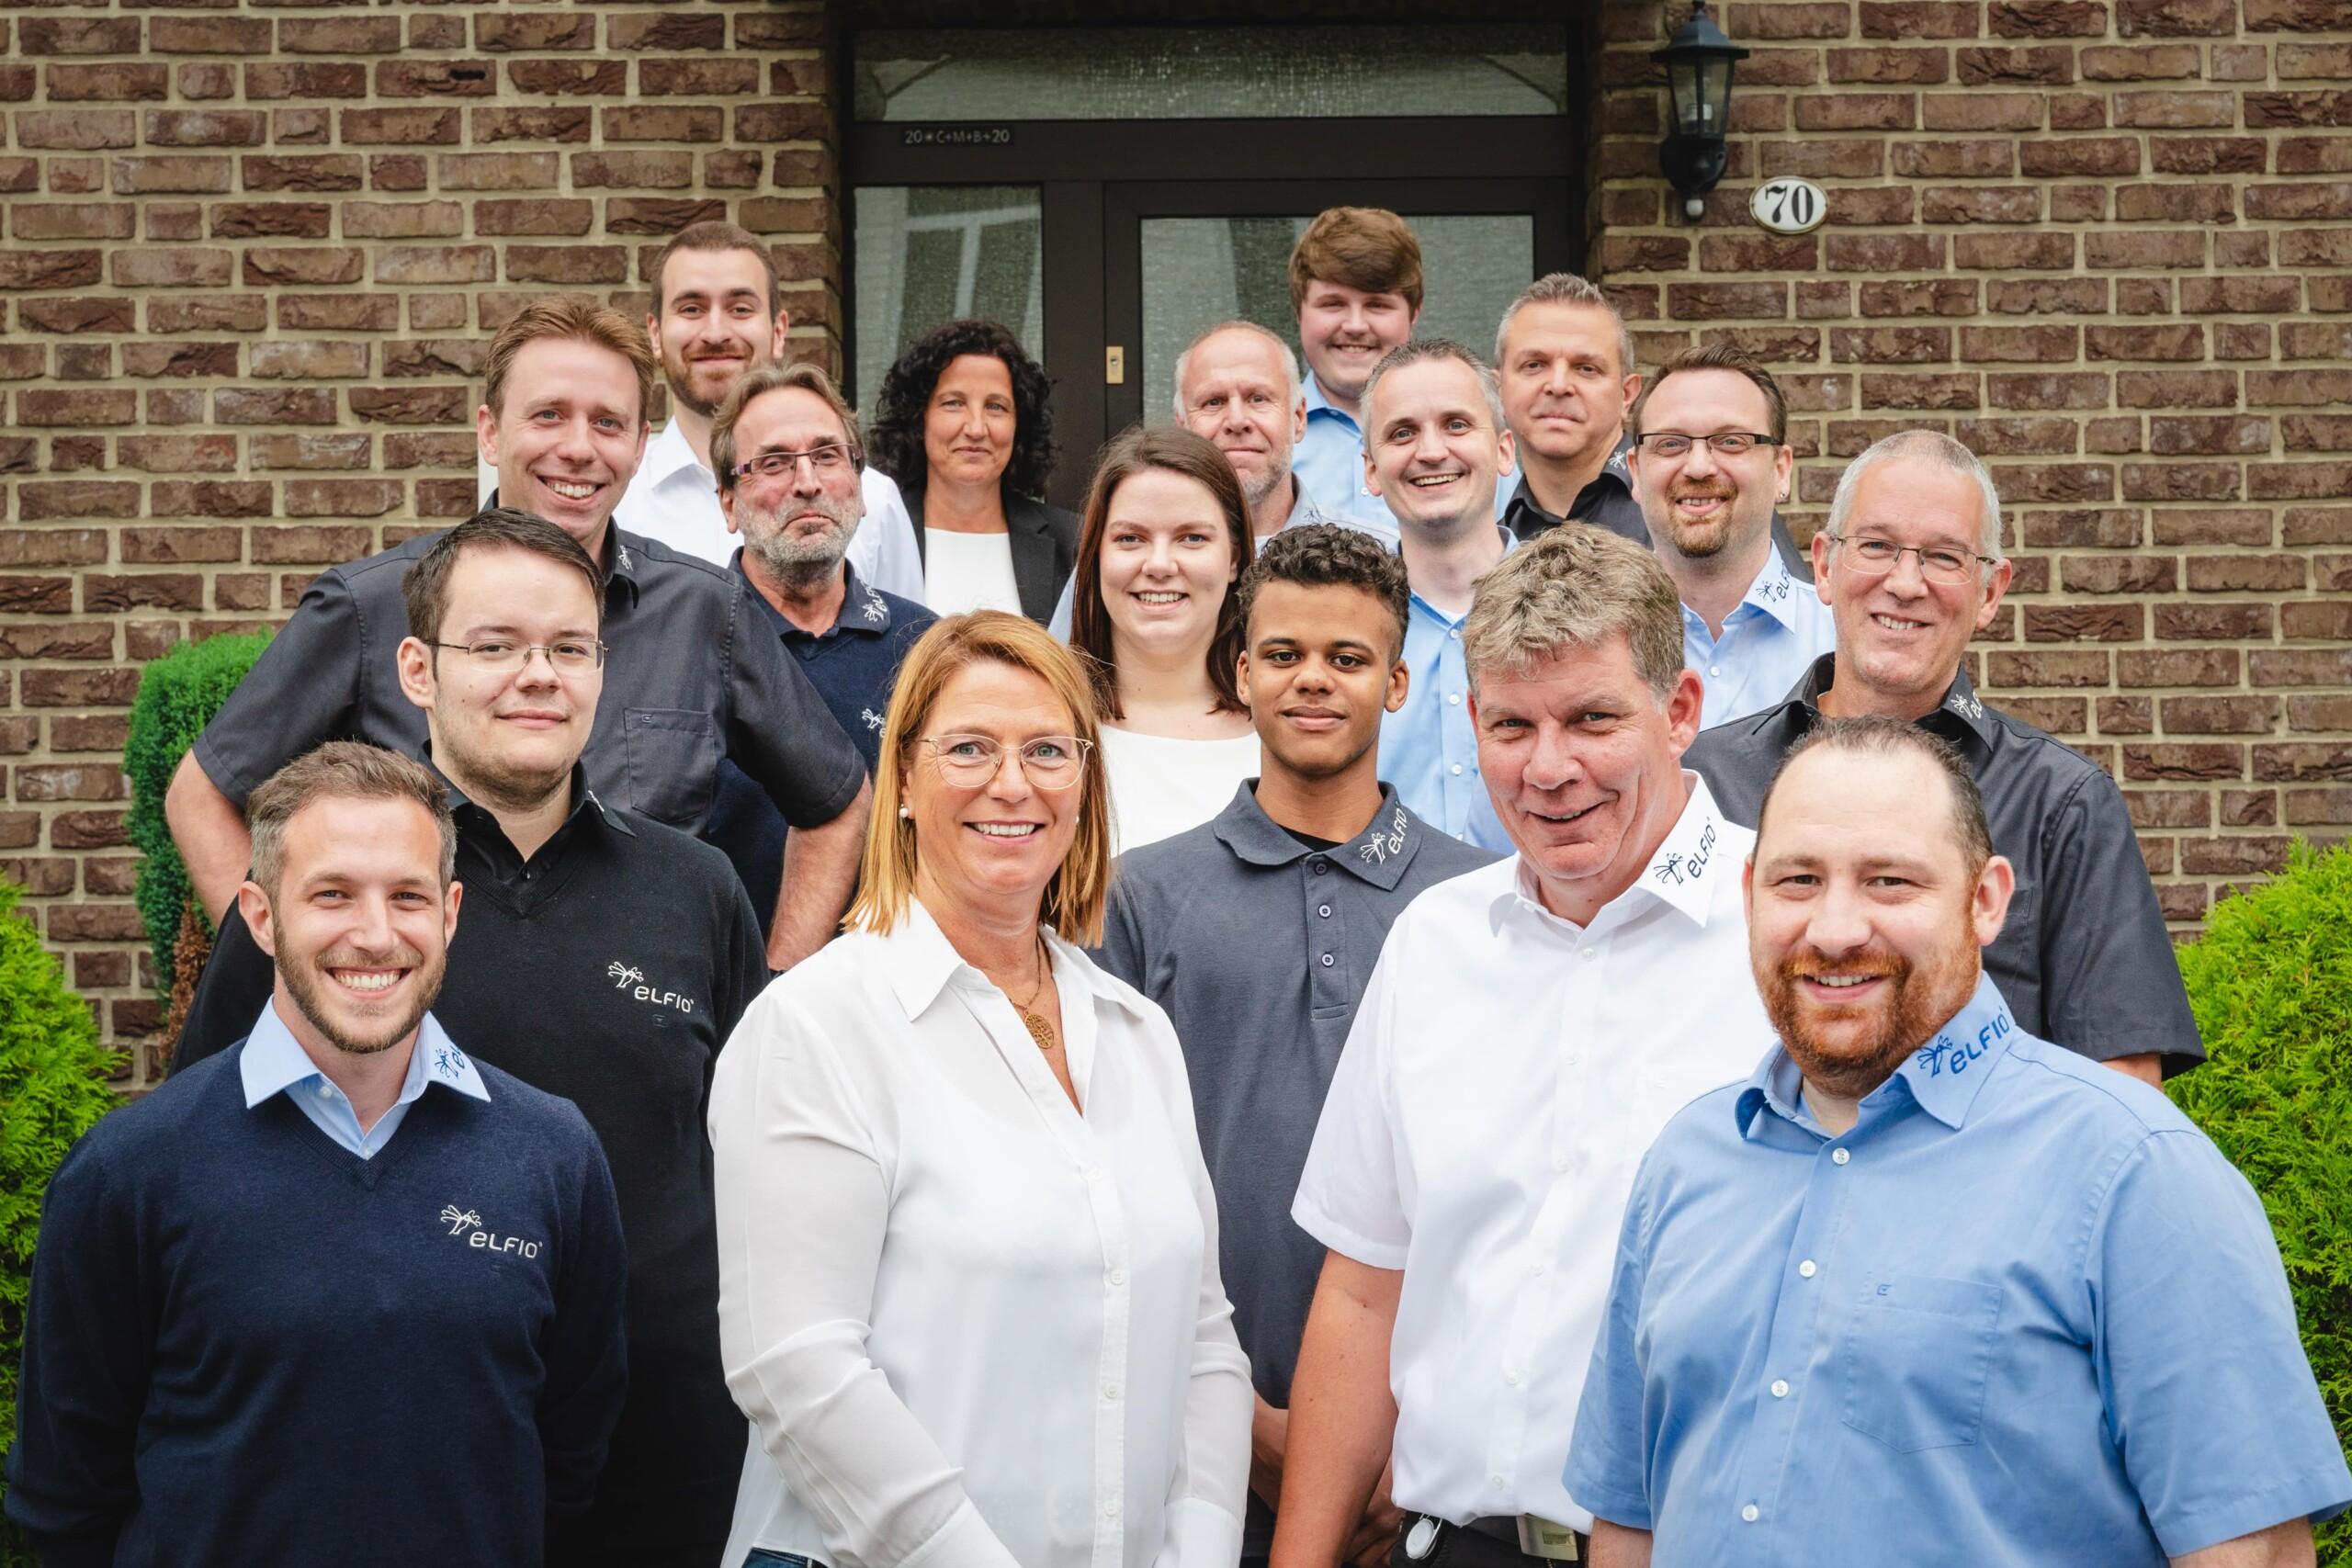 Team Elfio GmbH